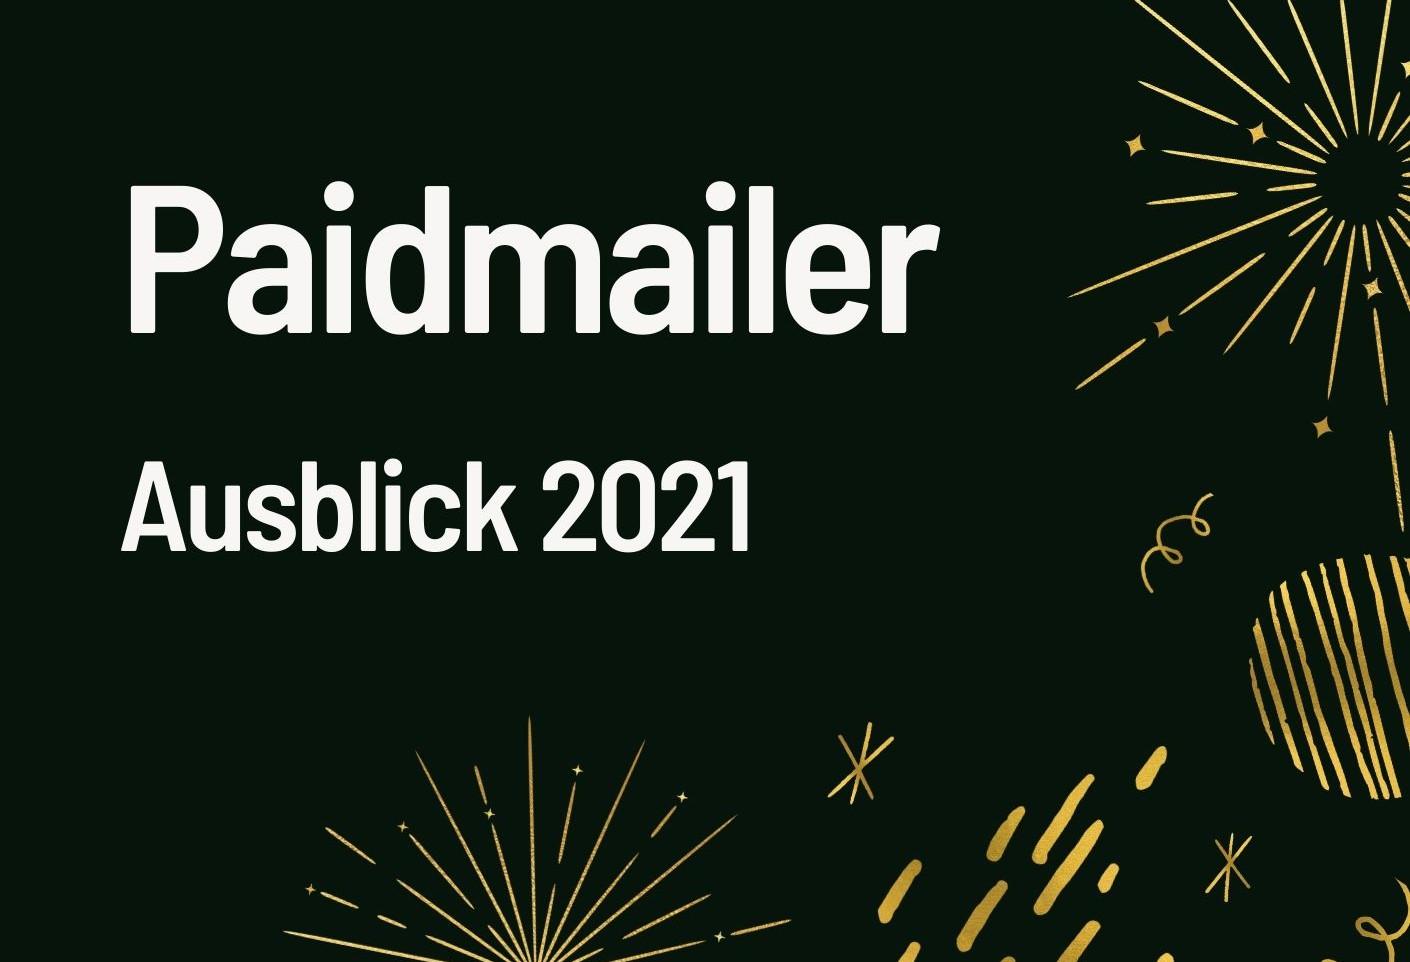 Mit Paidmailern in 2021 Geld verdienen